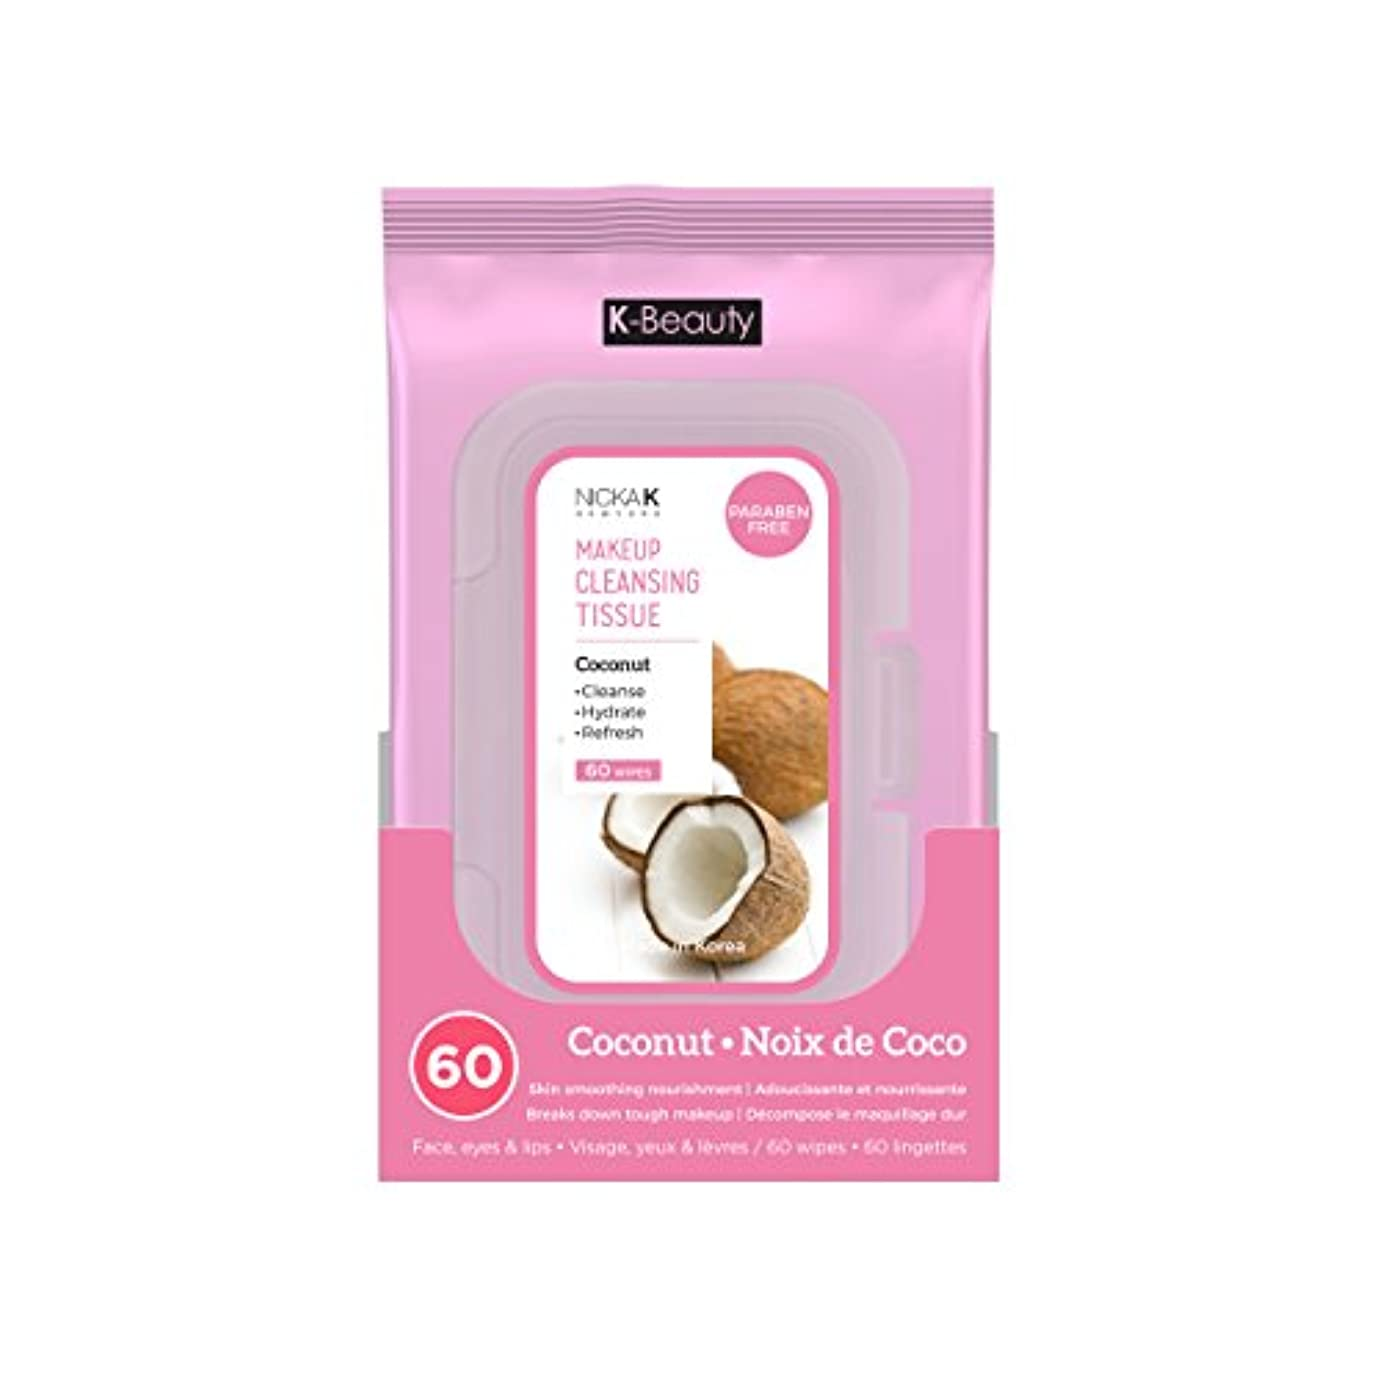 トランクライブラリ再集計涙NICKA K Make Up Cleansing Tissue - Coconut (並行輸入品)